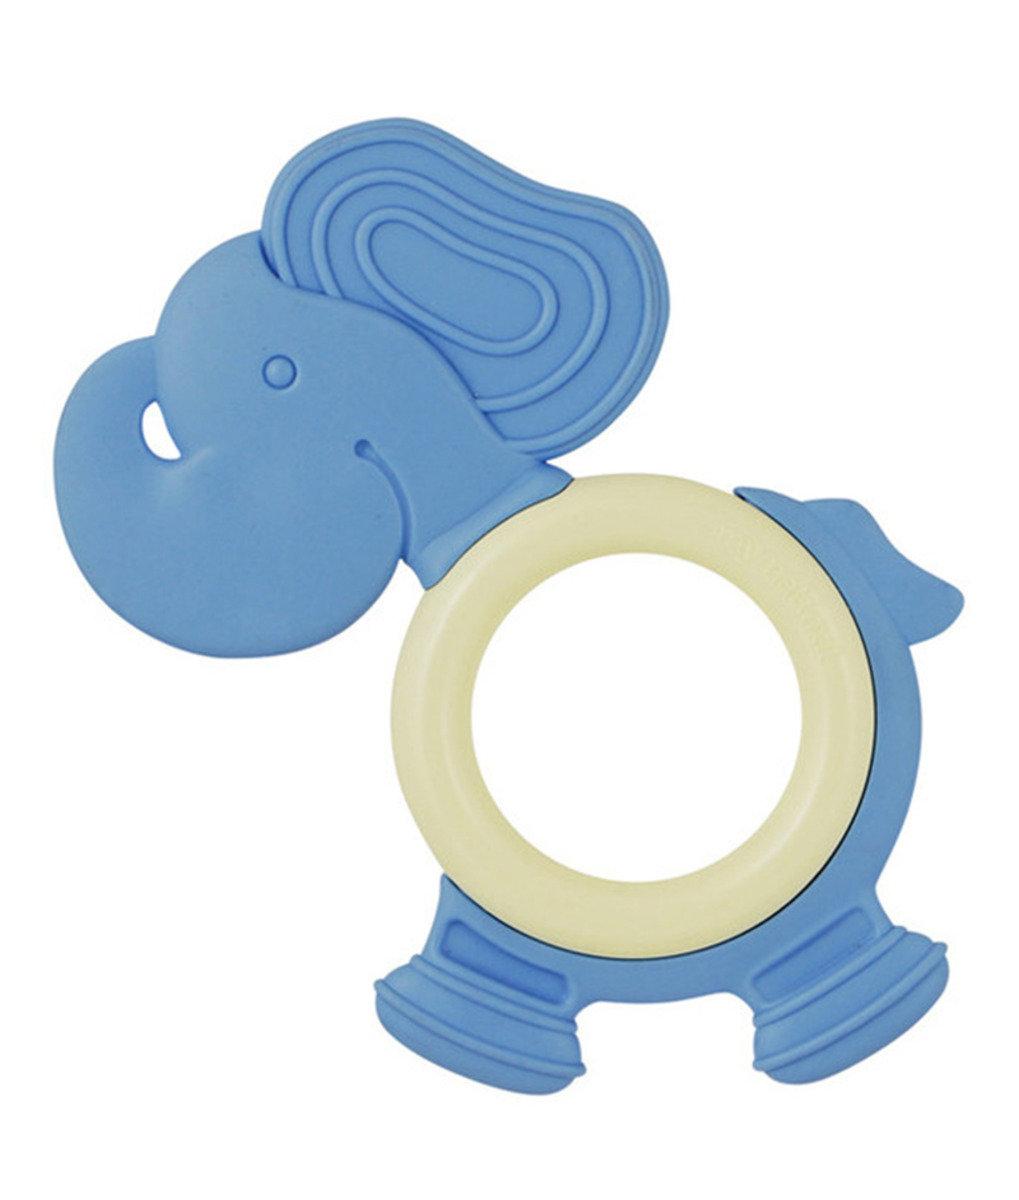 美國紐約My Natural™純天然有機固齒器 - 粉藍小象